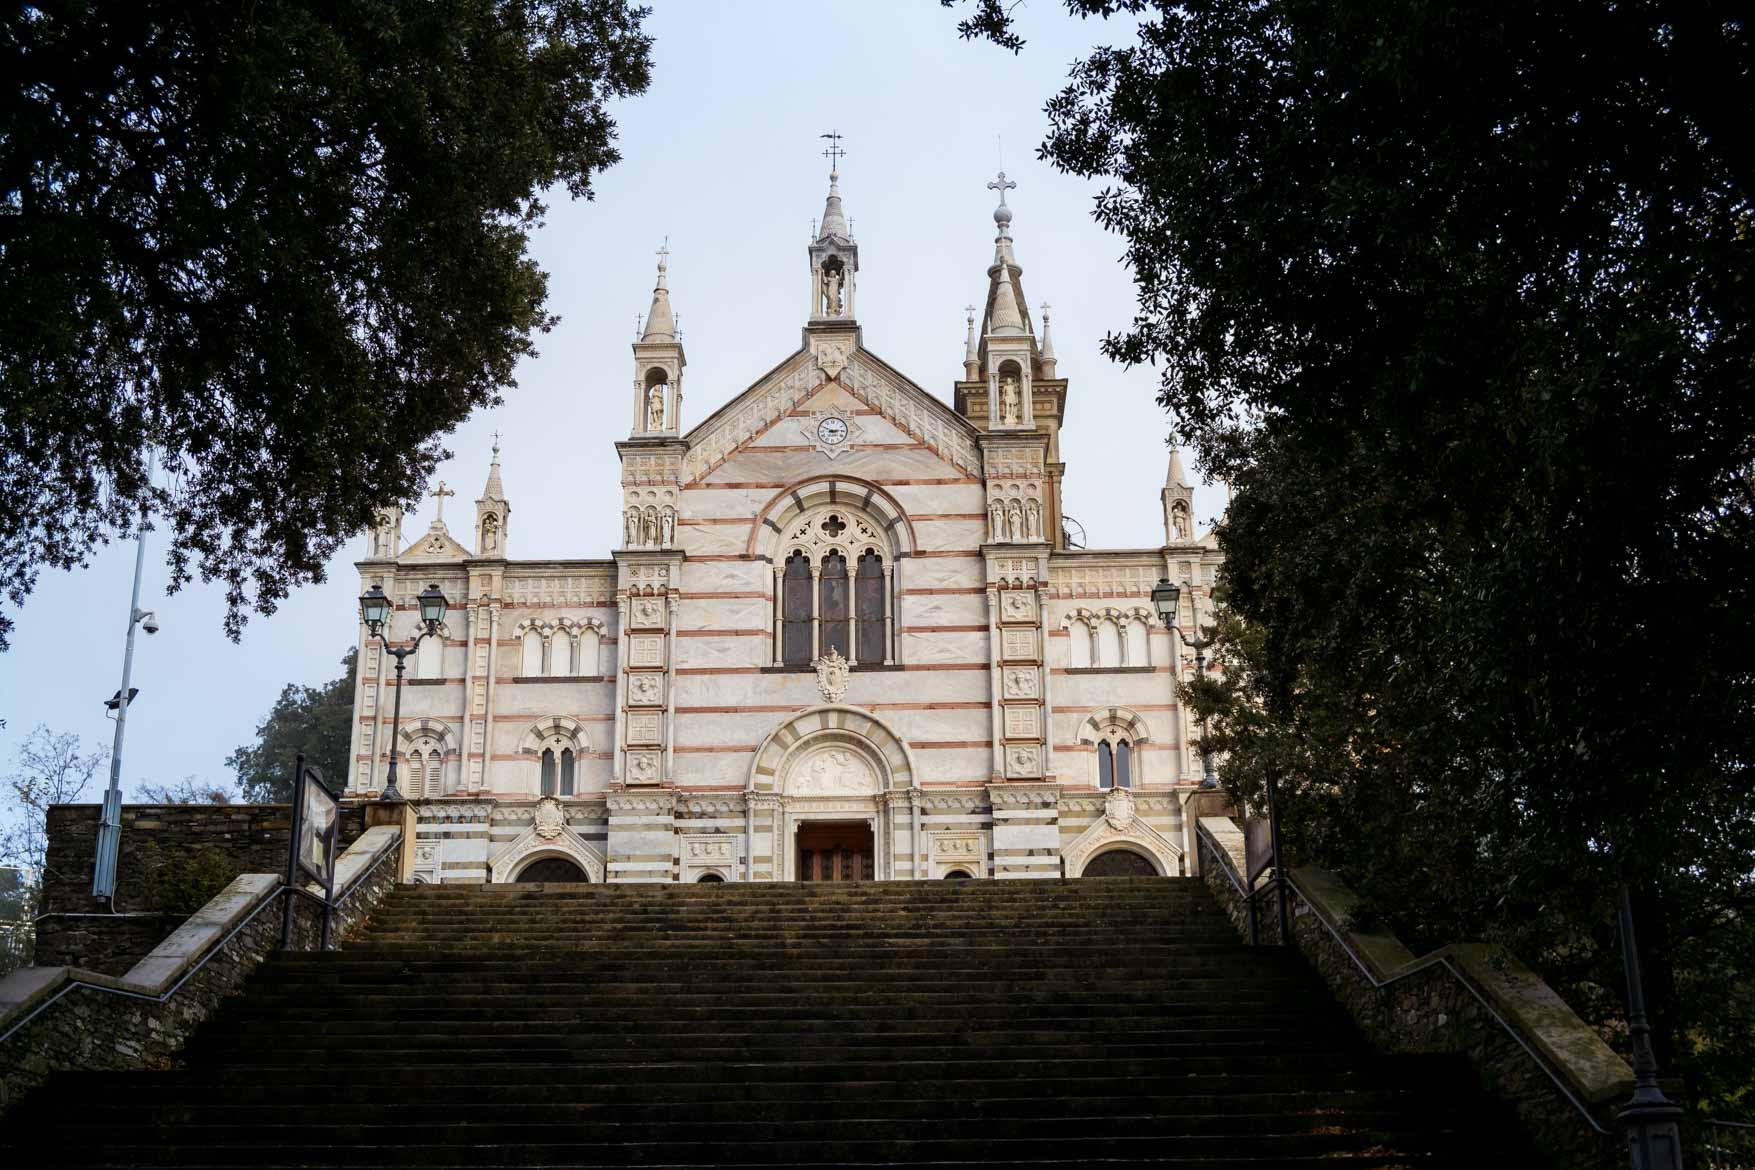 Rapallo santuario montallegro - In viaggio con Monica